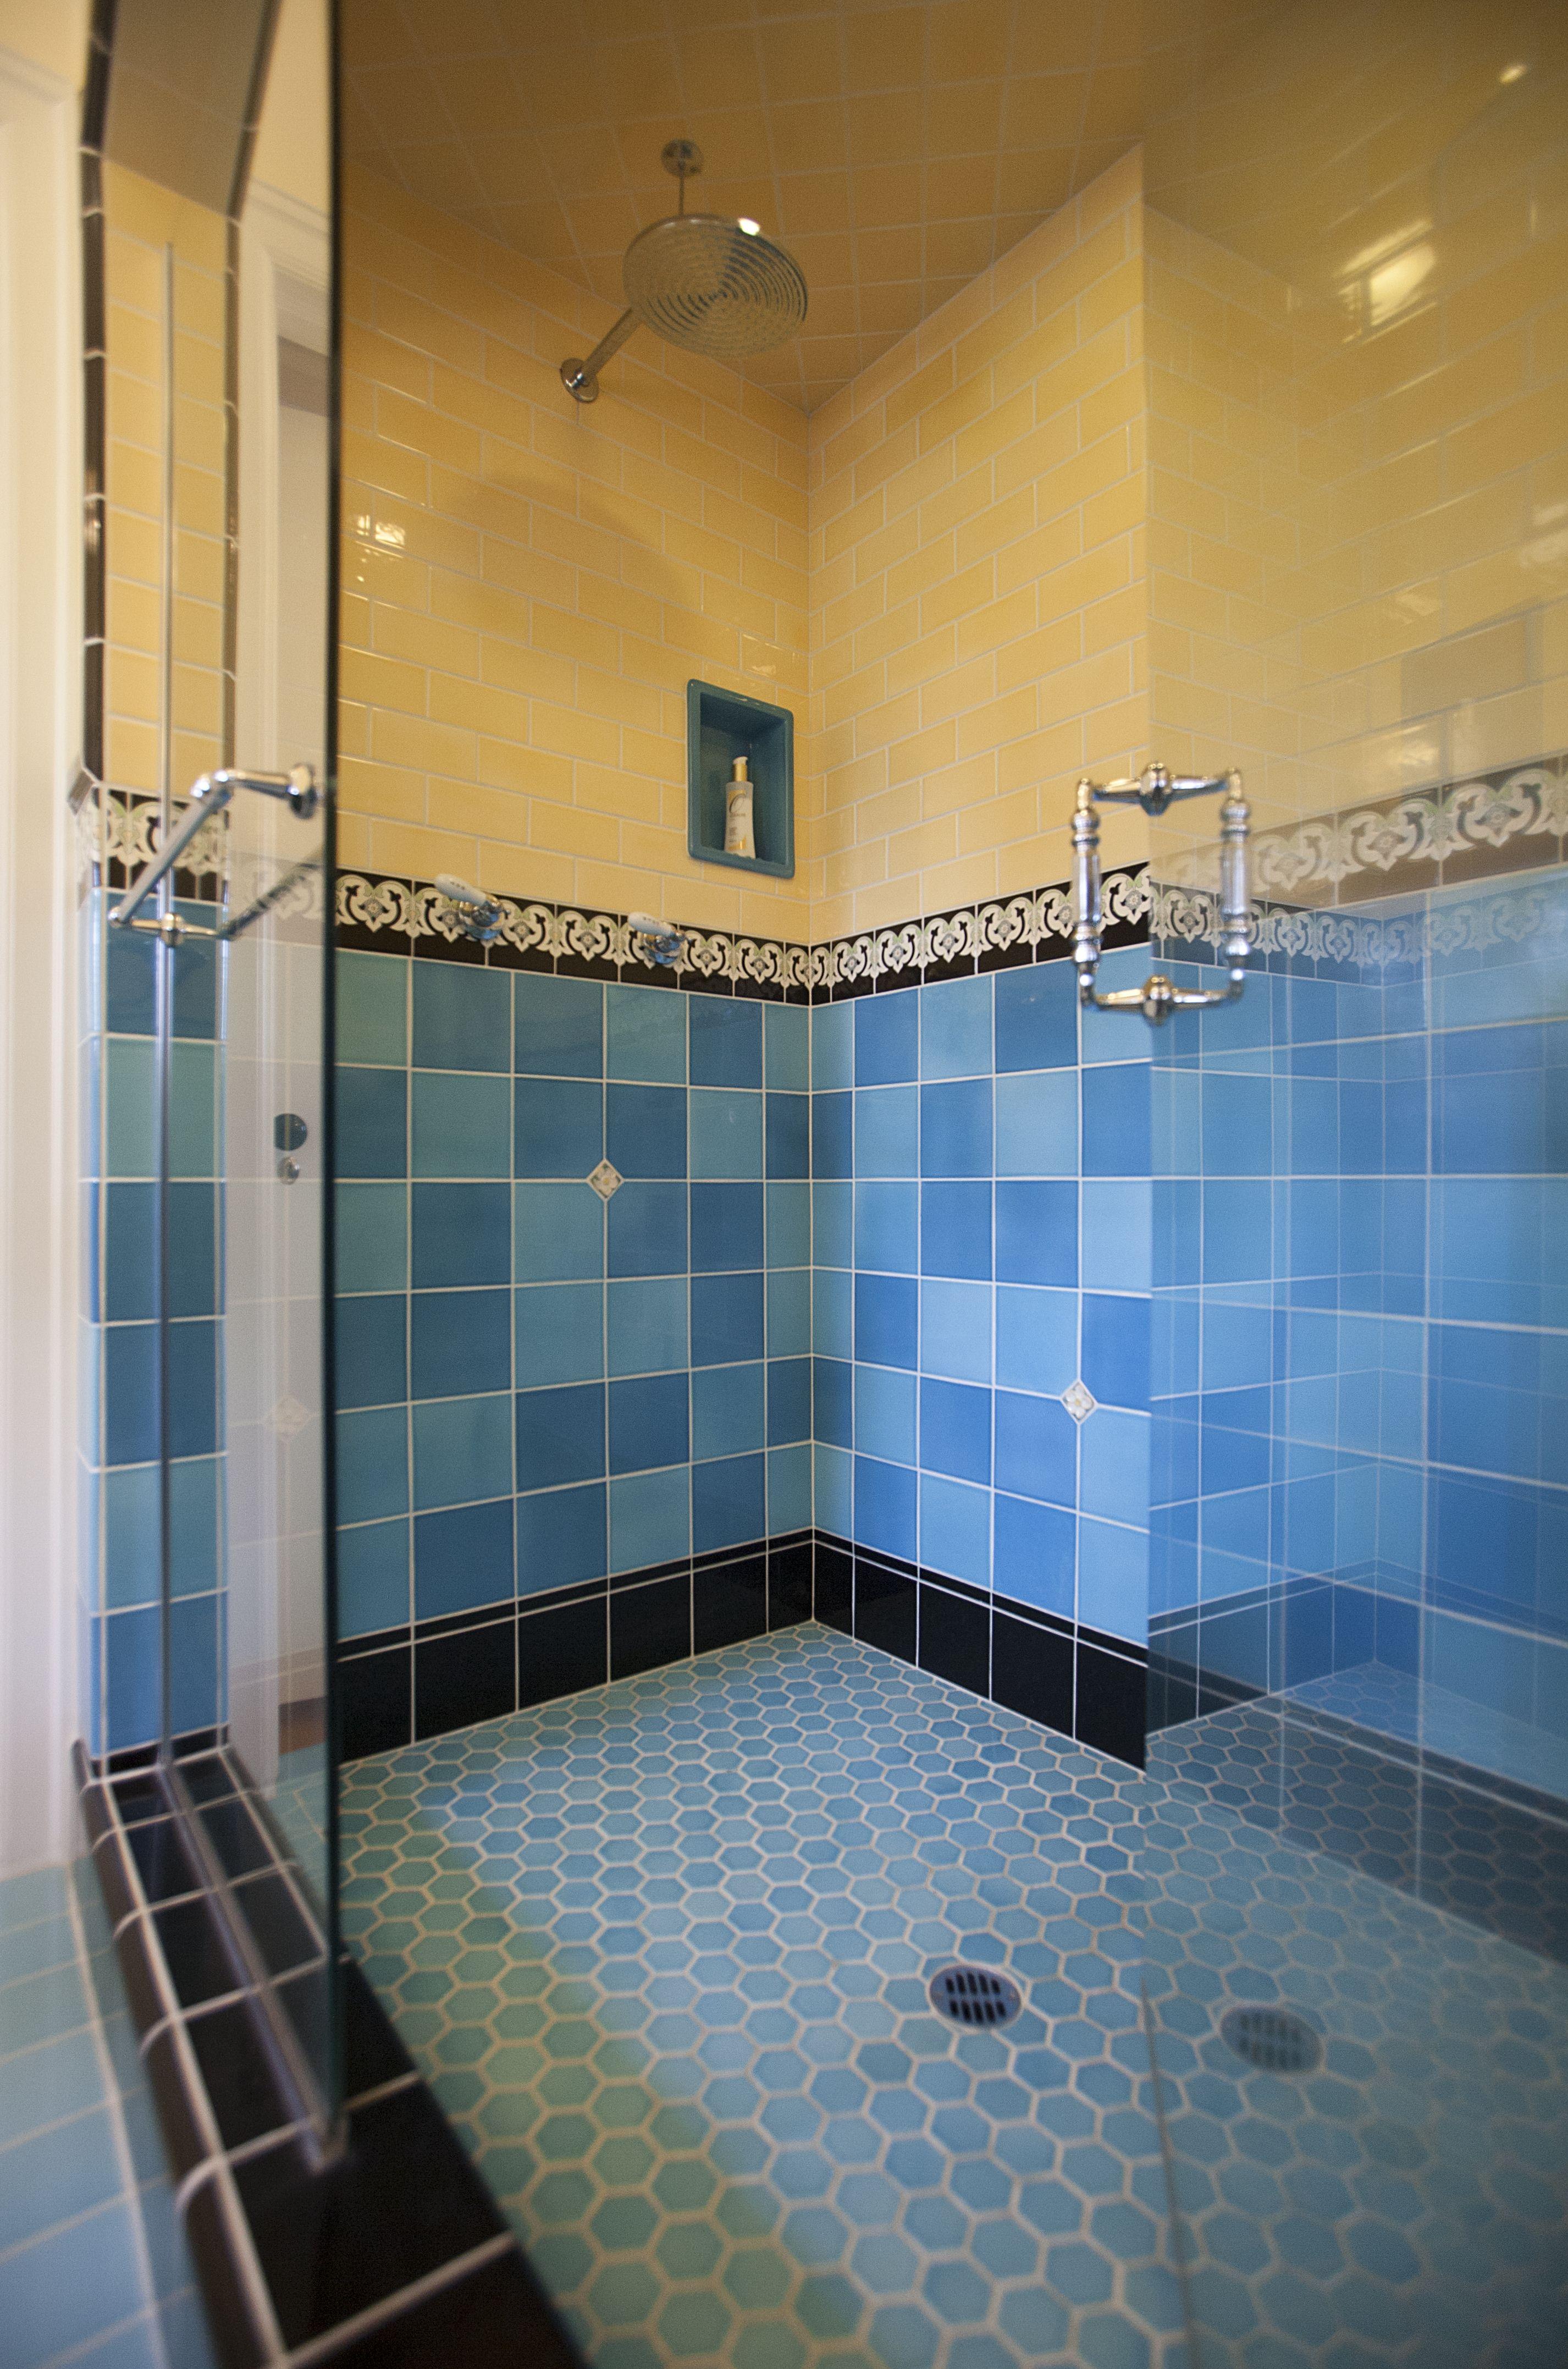 Art Deco Master shower | Art Deco Tile | Pinterest | Art deco tiles ...